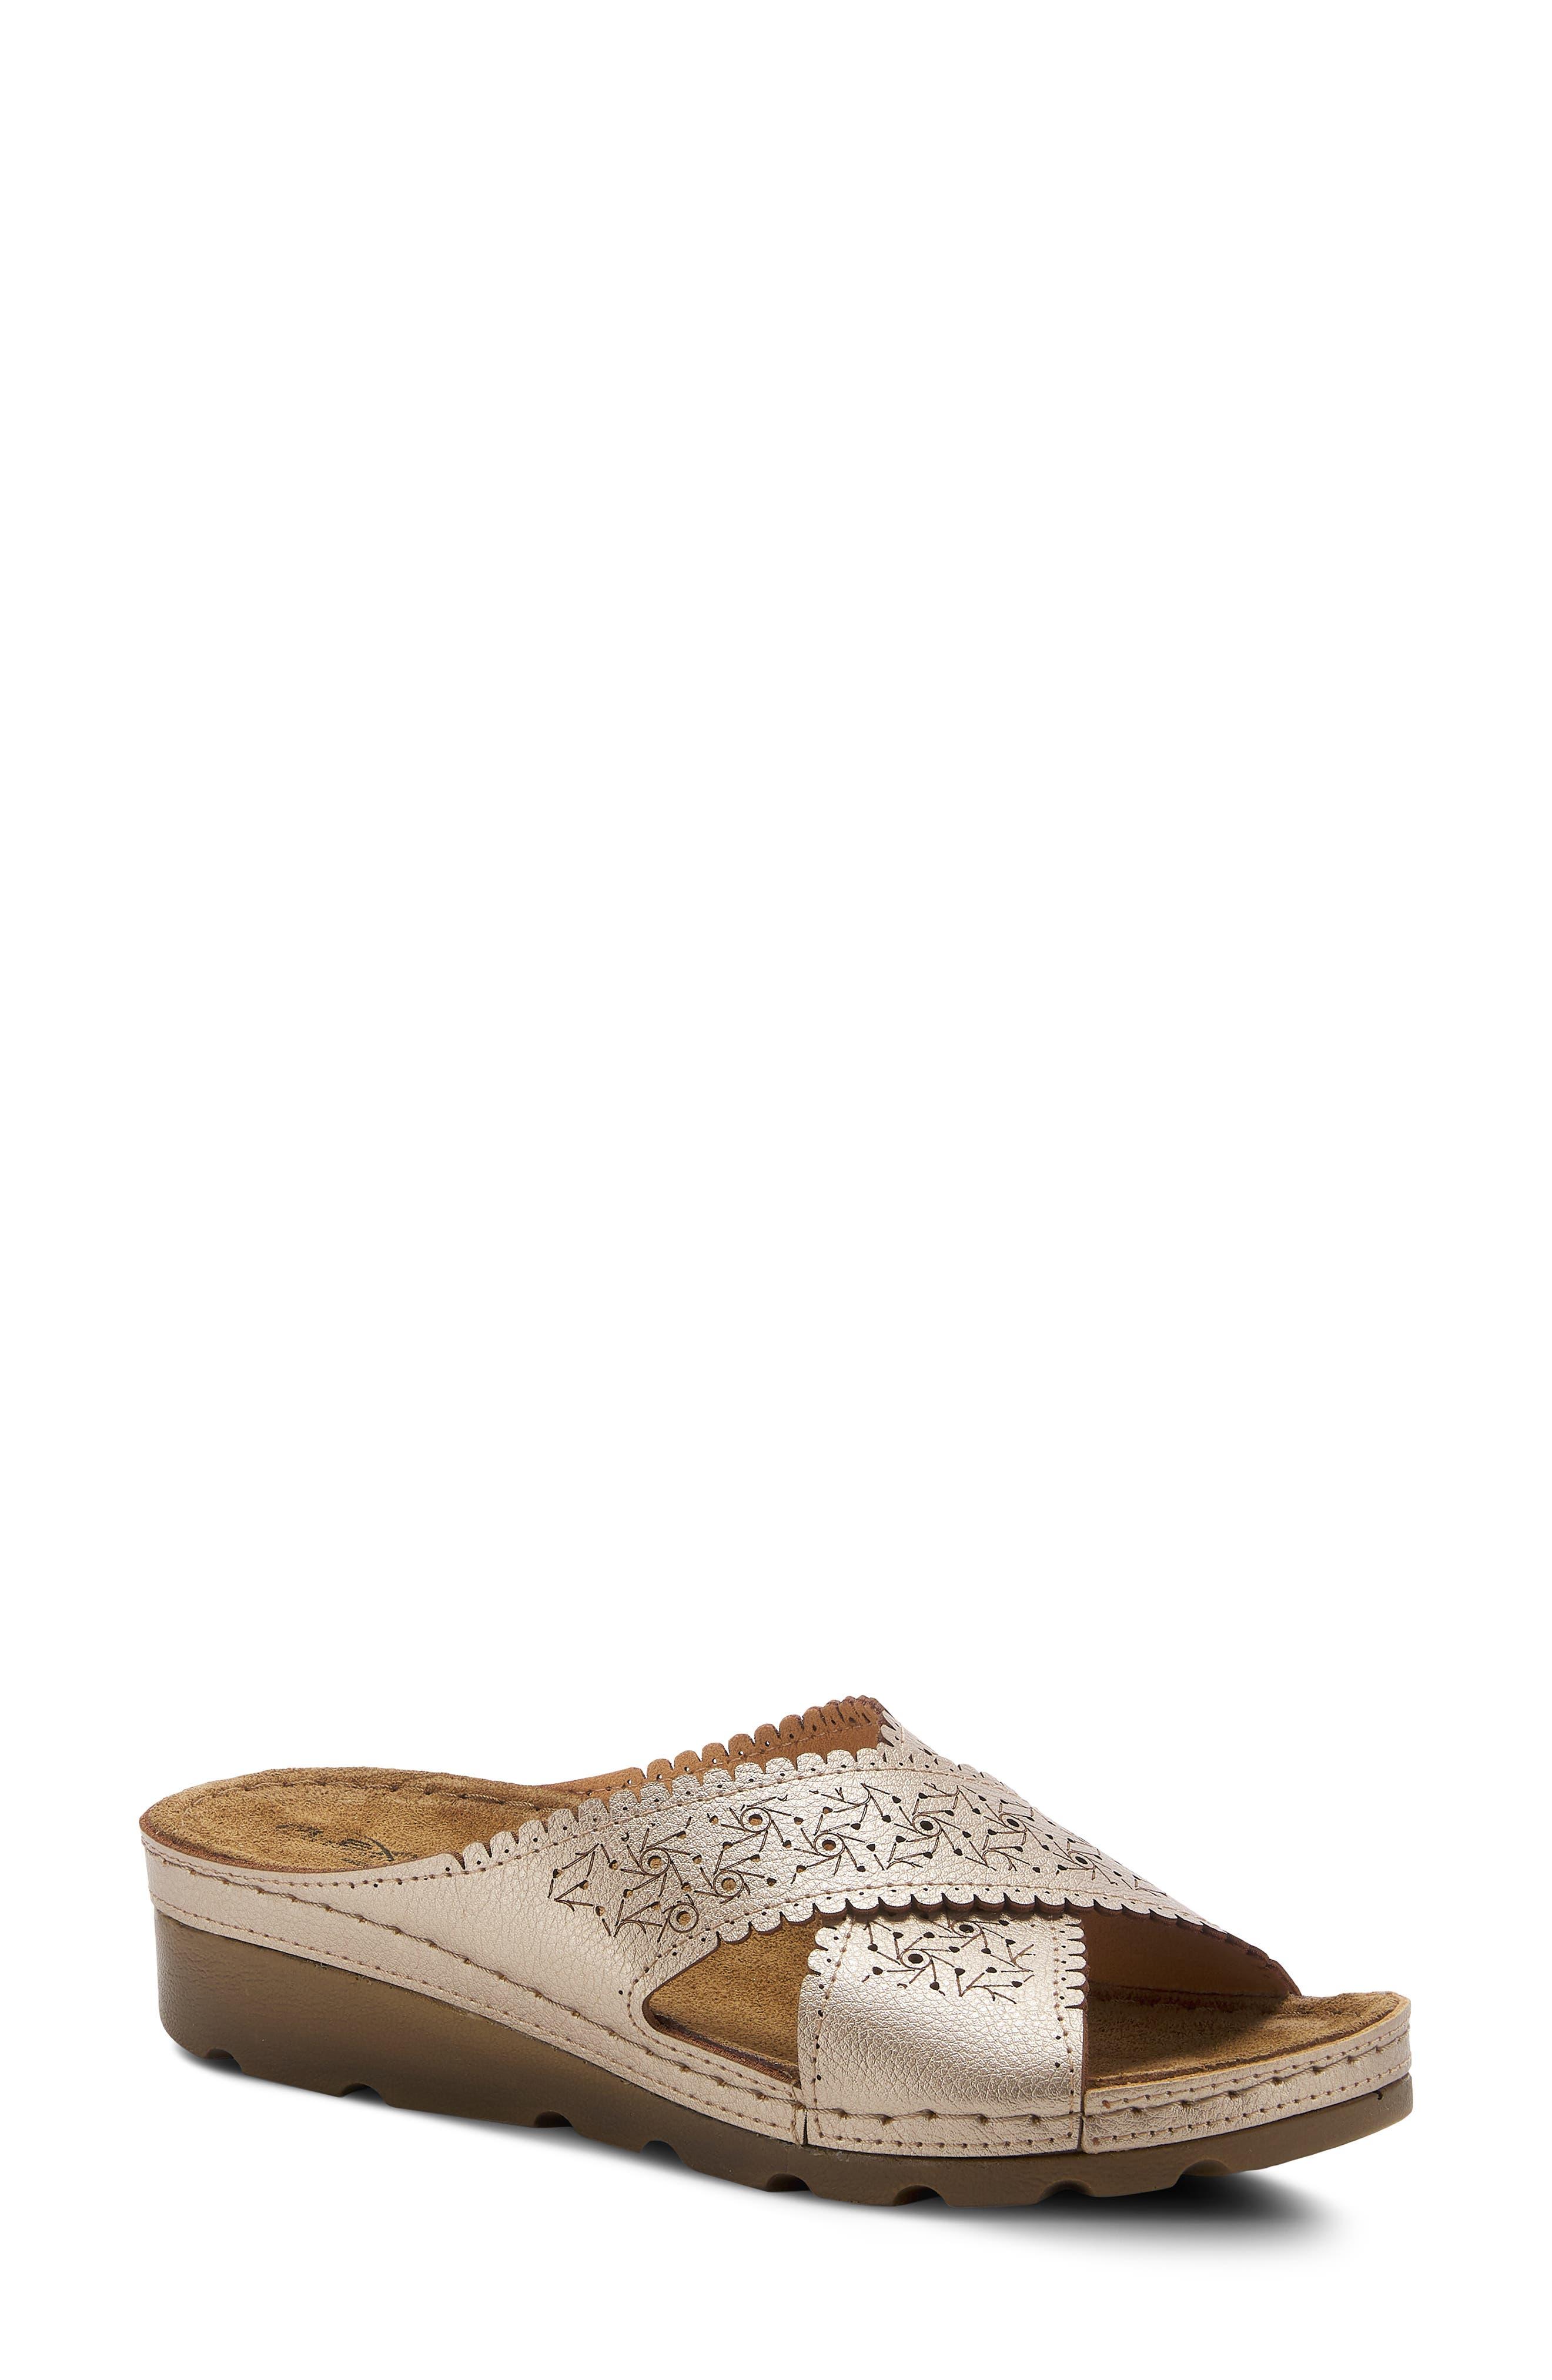 Passat Slide Sandal